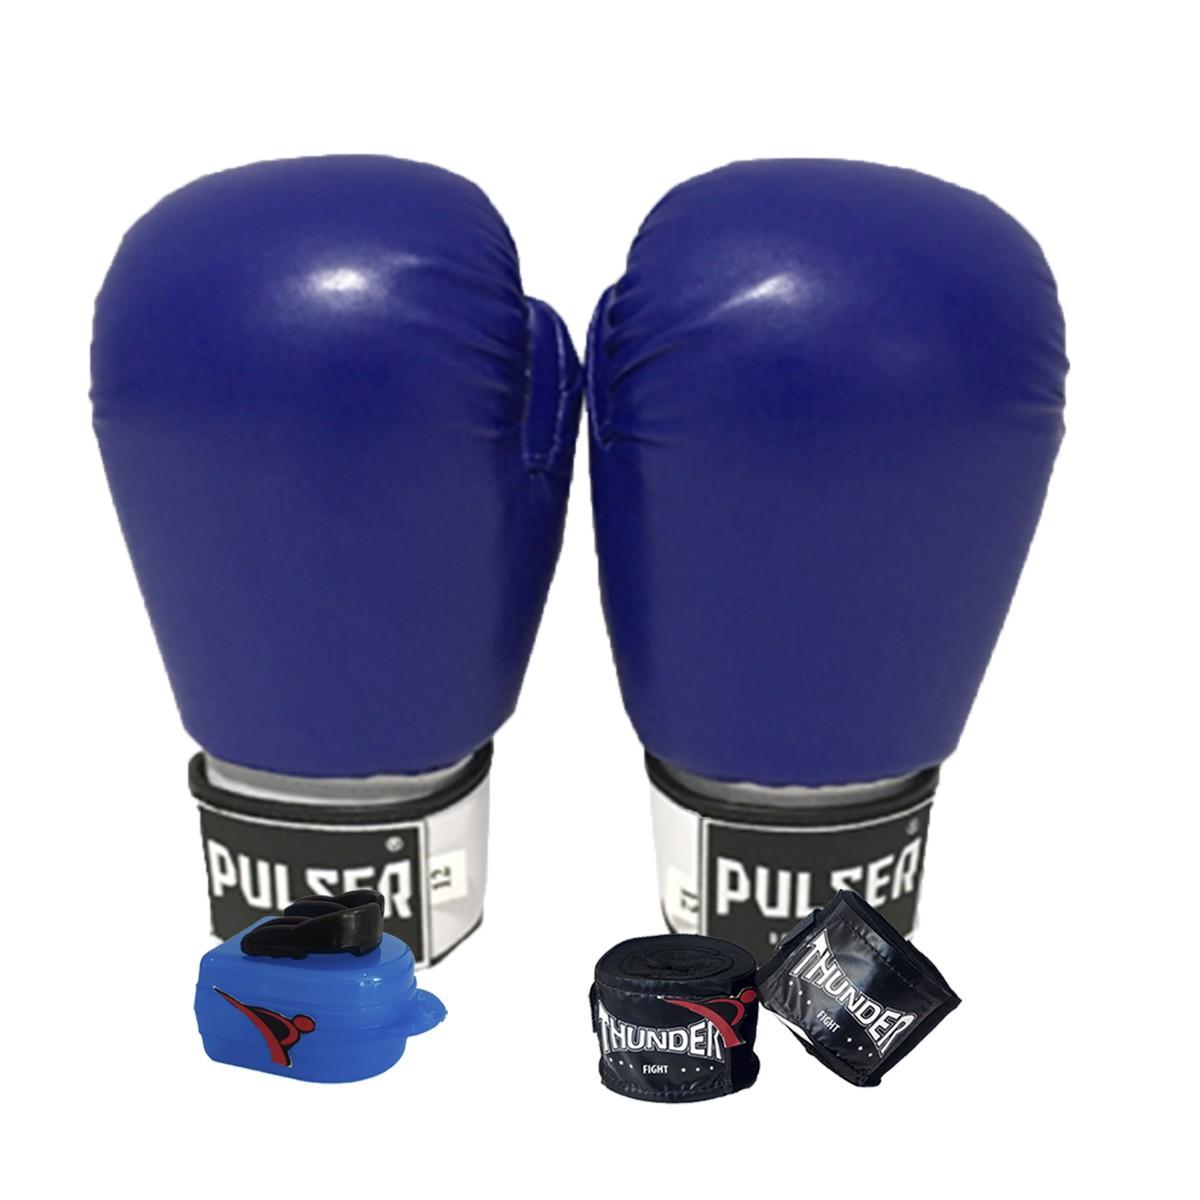 Kit de Boxe / Muay Thai 12oz - Azul - Pulser  - PRALUTA SHOP